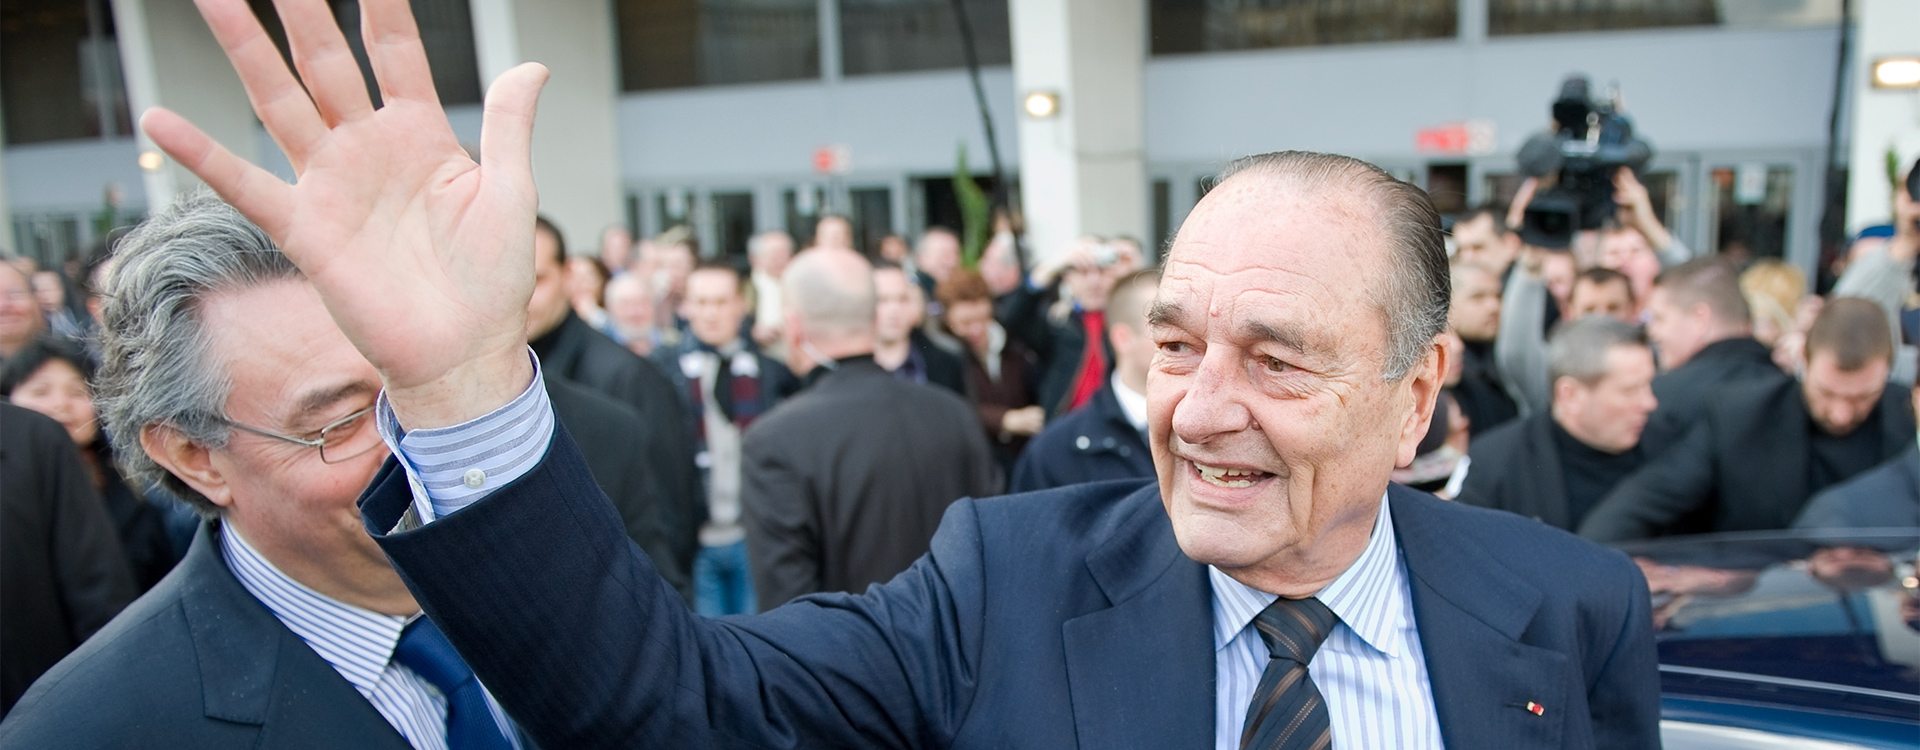 Jacques Chirac (1932-2019) / A2-B1